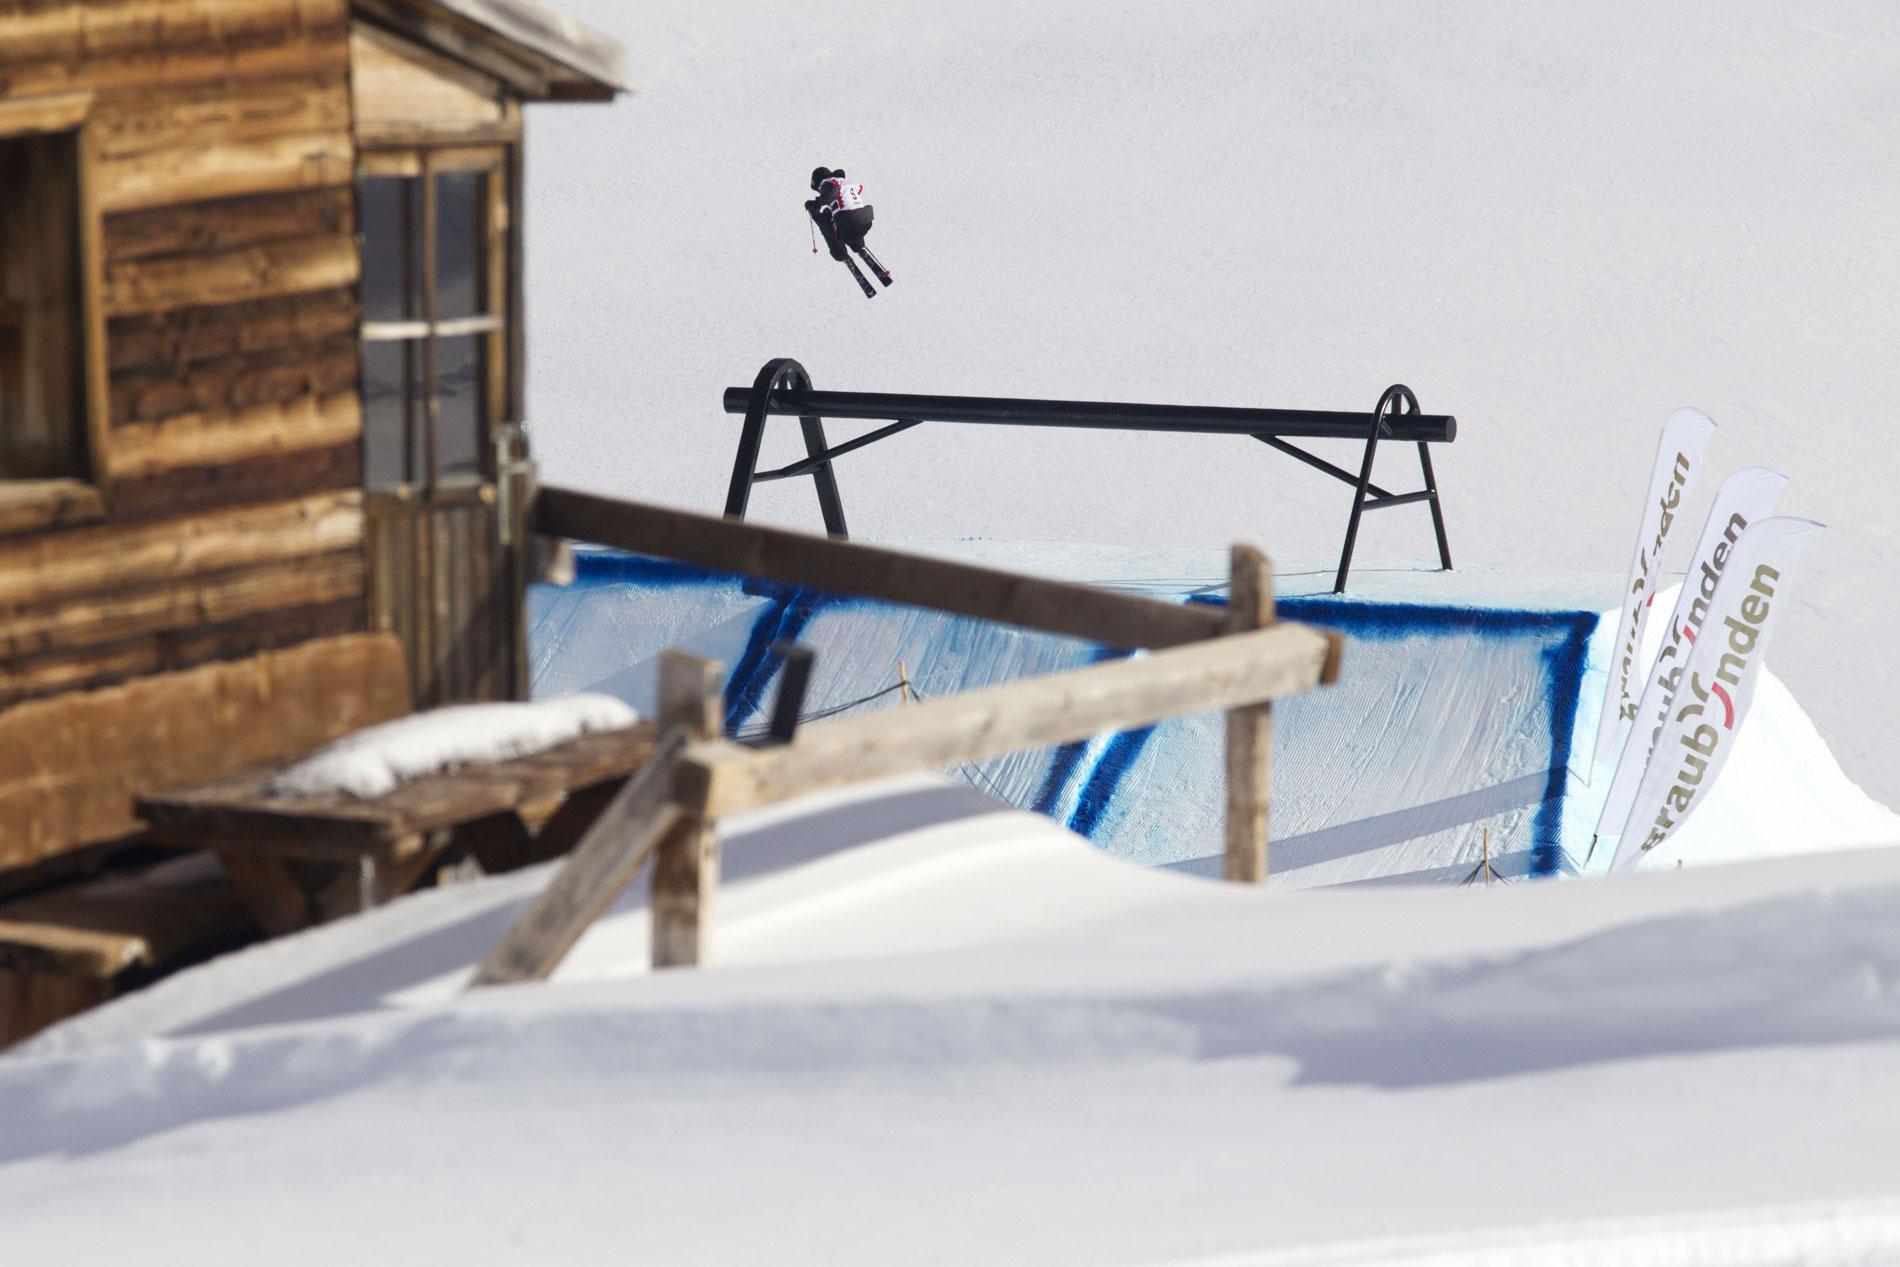 Jossi Wells bei der letztjährigen Ausgabe des Freeski Worldcups am Corvatsch - Bild: Roman Lachner / Prime Skiing